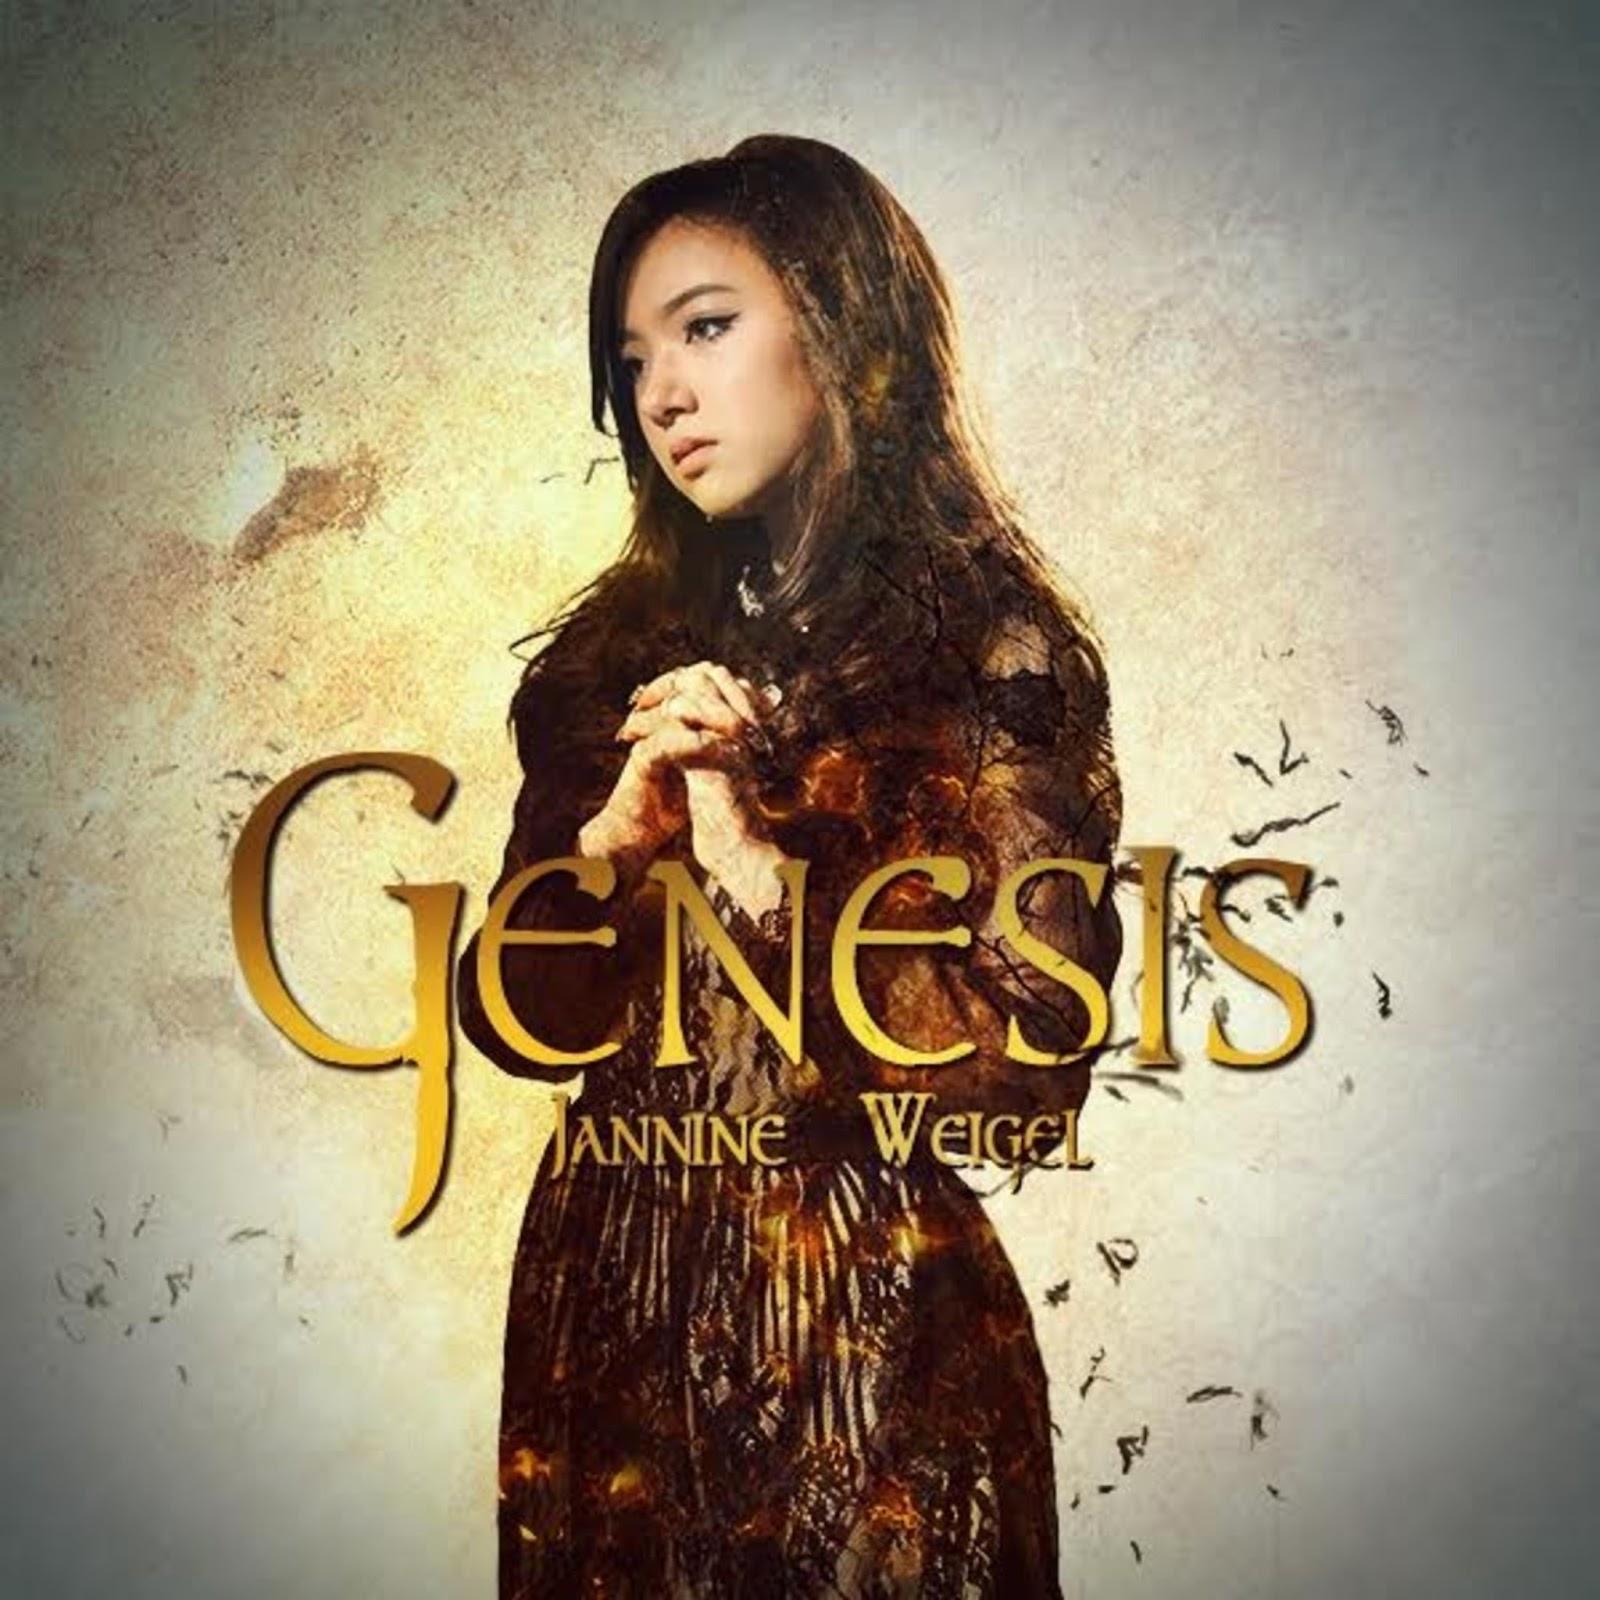 EP Genesis : Jannine Weigel